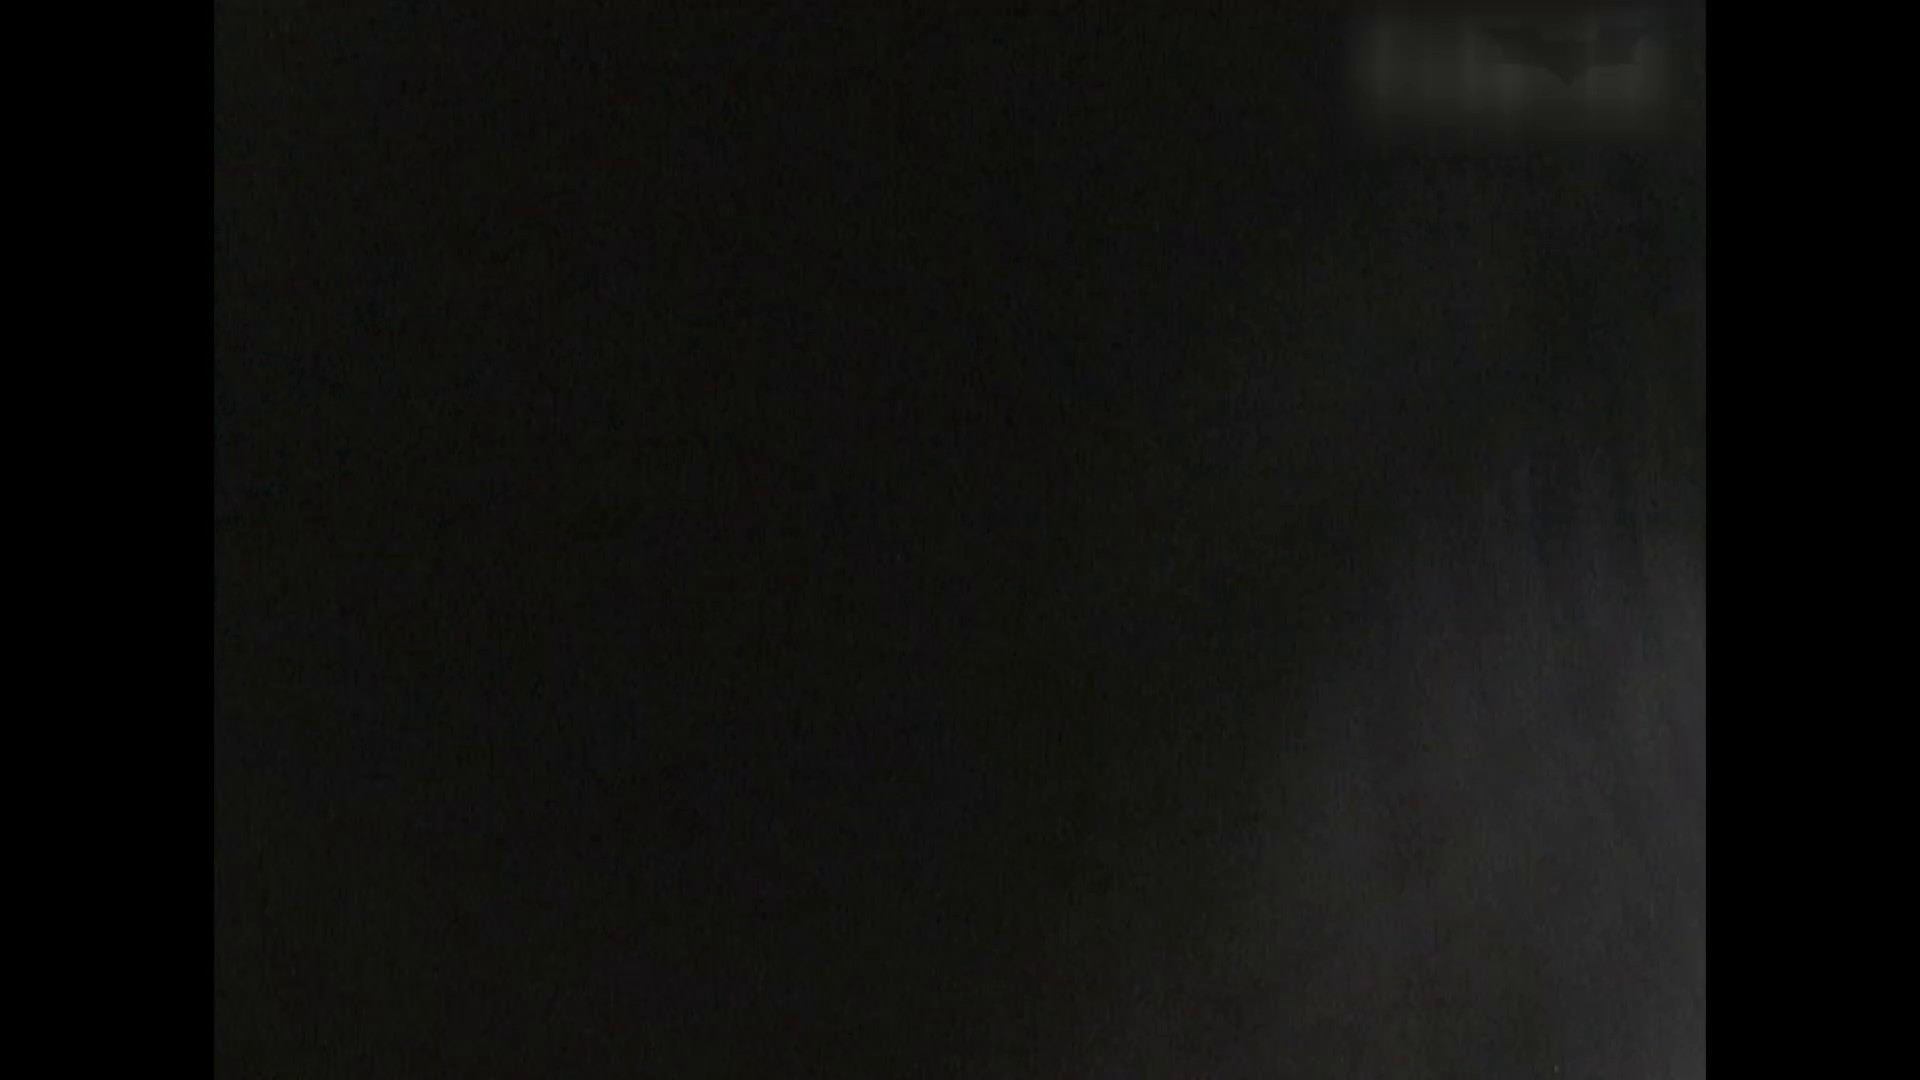 ピカ満グロ満KAWAYA物語 期間限定神キタ!ツルピカの放nyo!Vol.22 高評価 ワレメ動画紹介 95画像 22